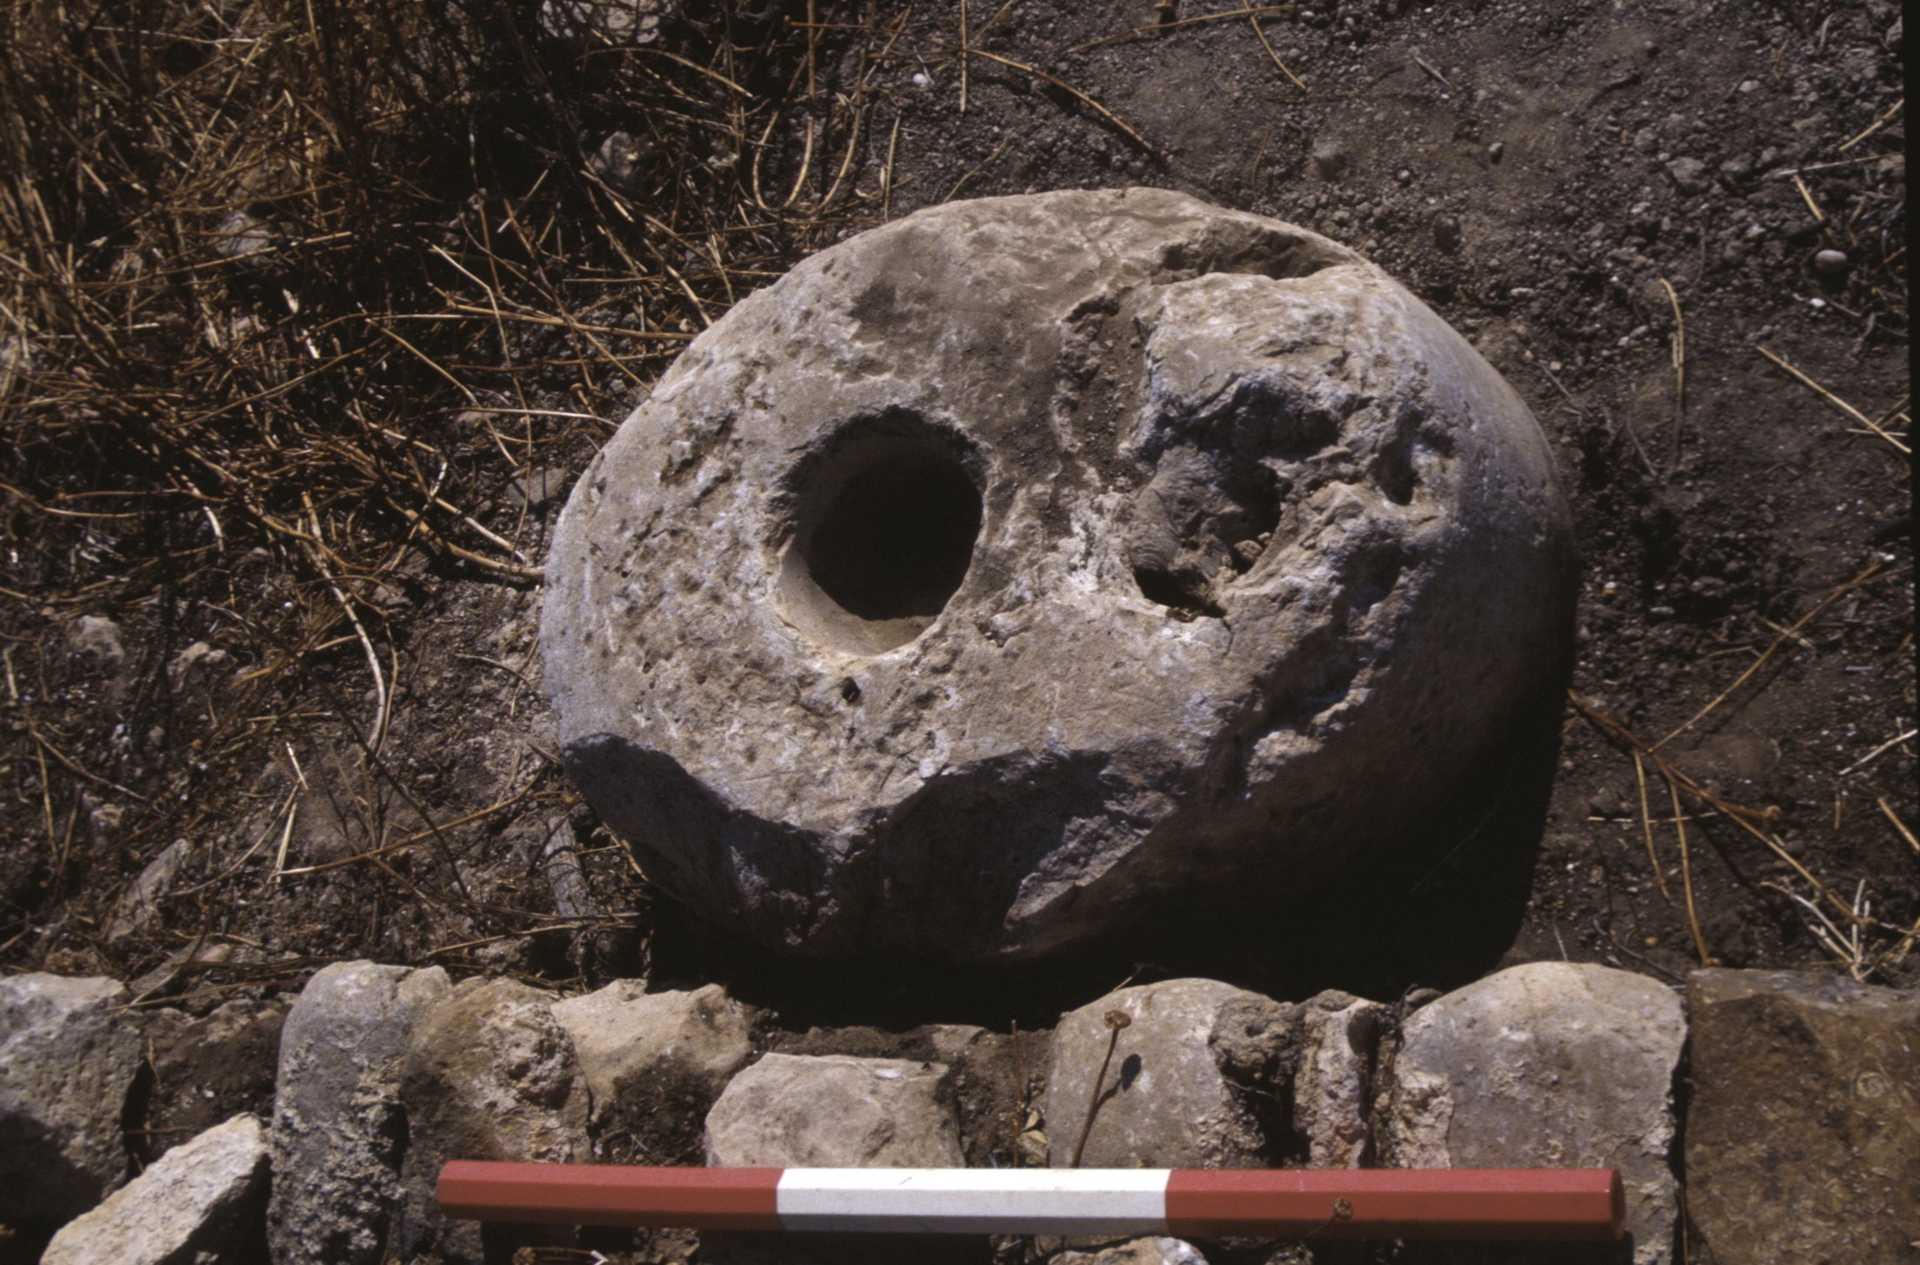 A find: DU182RE003